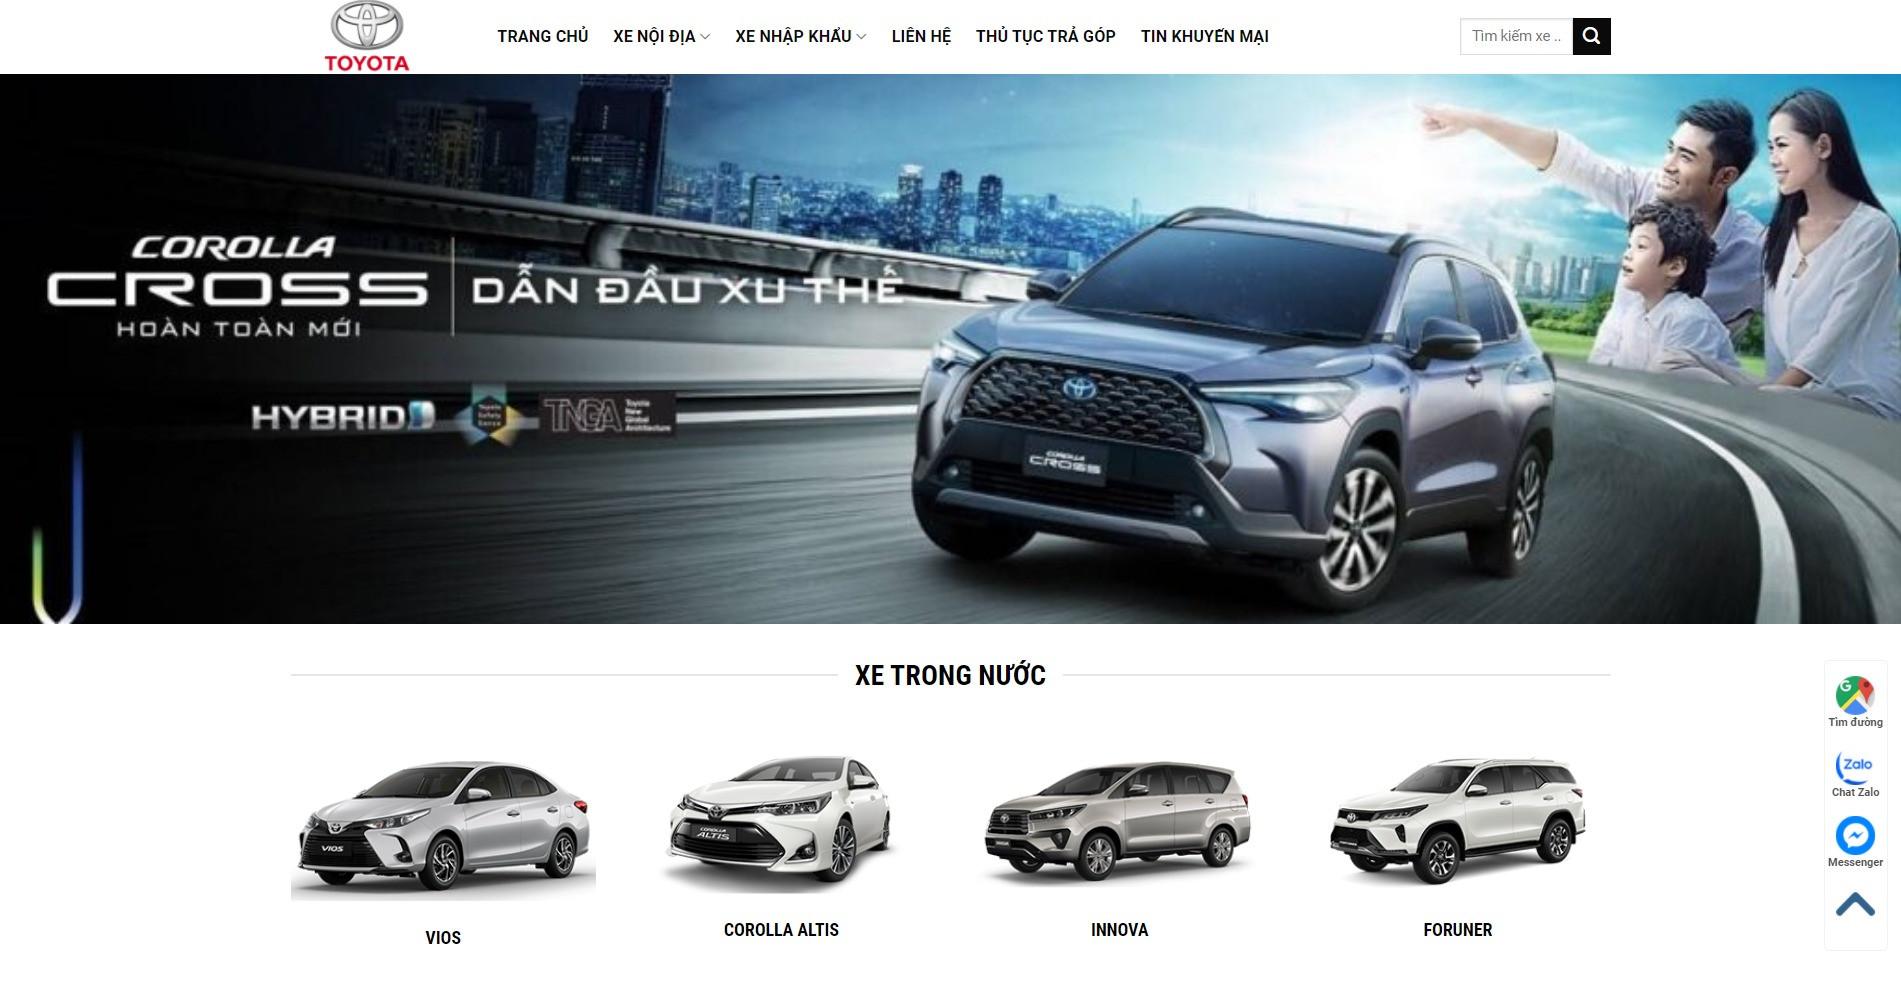 Website ô tô Toyota cực đẹp đầy đủ nội dung sản phẩm